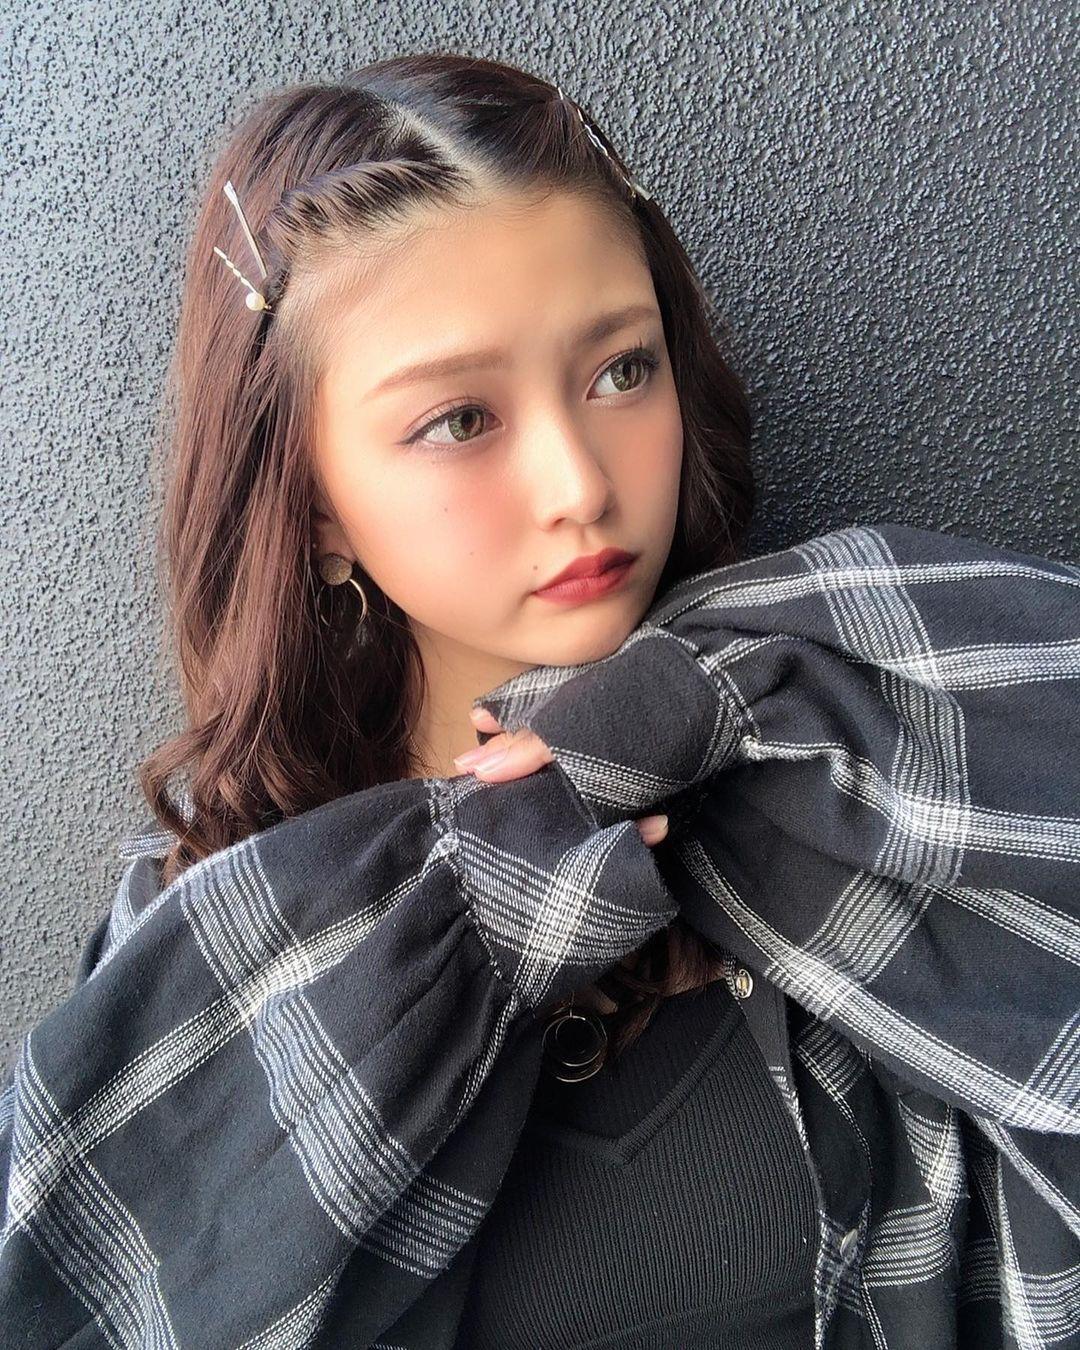 今年刚高中毕业 18 岁美少女樱井音乃身材整个无敌 网络美女 第3张